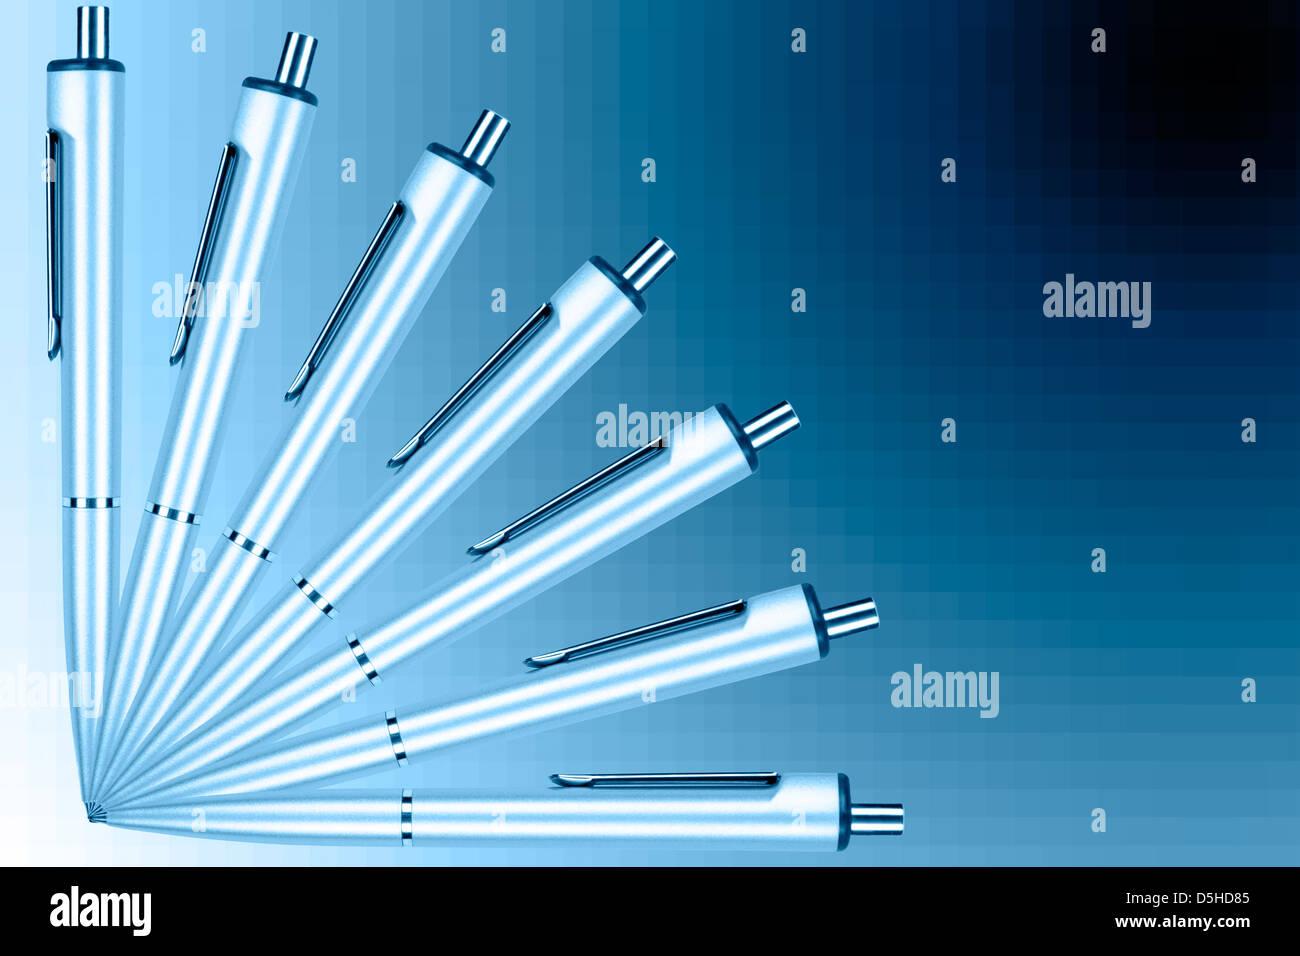 Fan von Stiften auf einem blauen abgestuften Hintergrund Stockbild